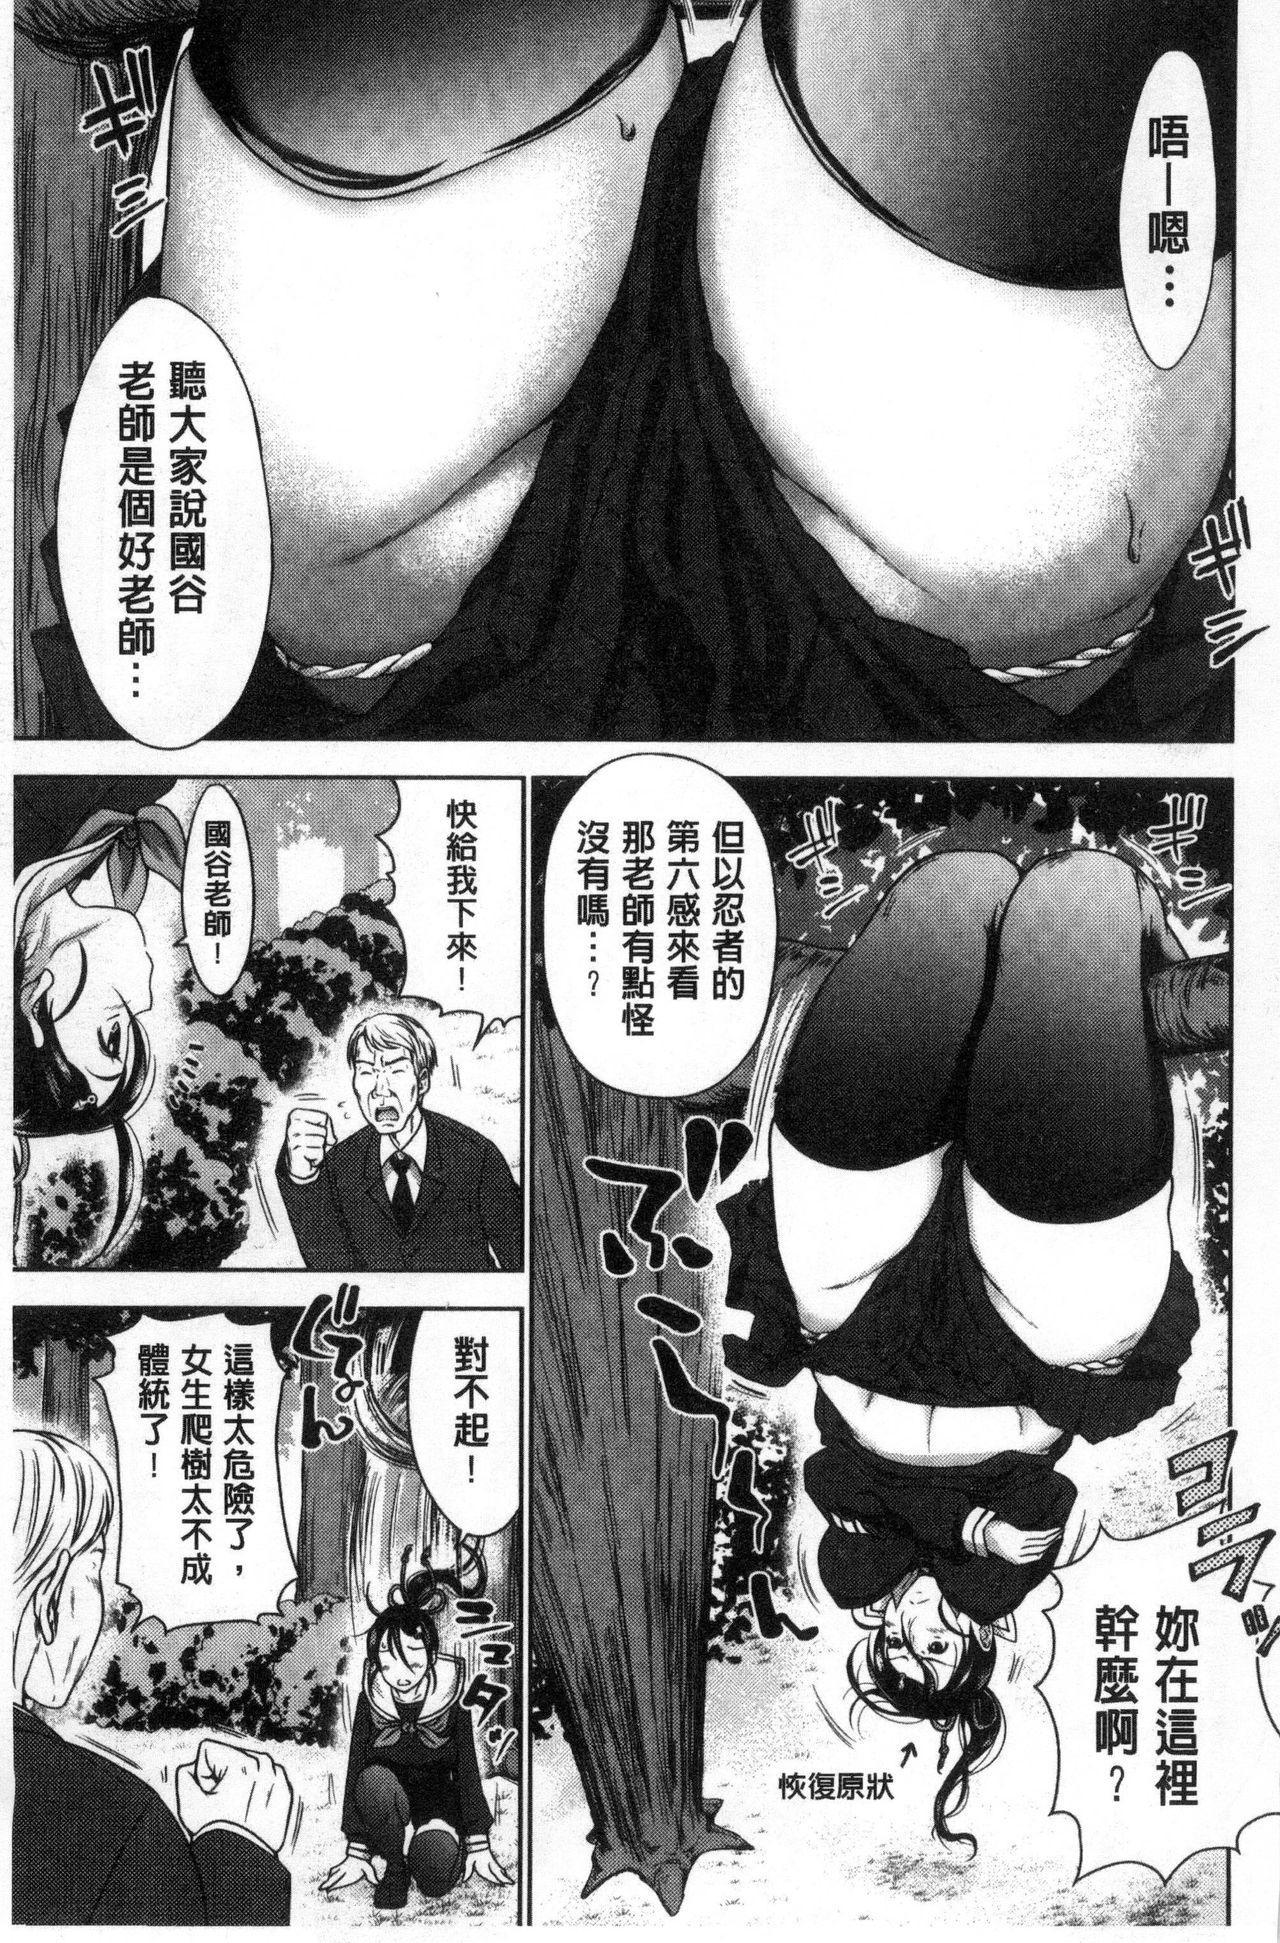 [Takuwan] Sanshimai Show Time -Moshi Ore ga 10-nen mae no Sugata de Seishun Yarinaosetara- | 三姉妹ShowTime -如果我以10年前的模樣青春再玩一次的話- [Chinese] 186